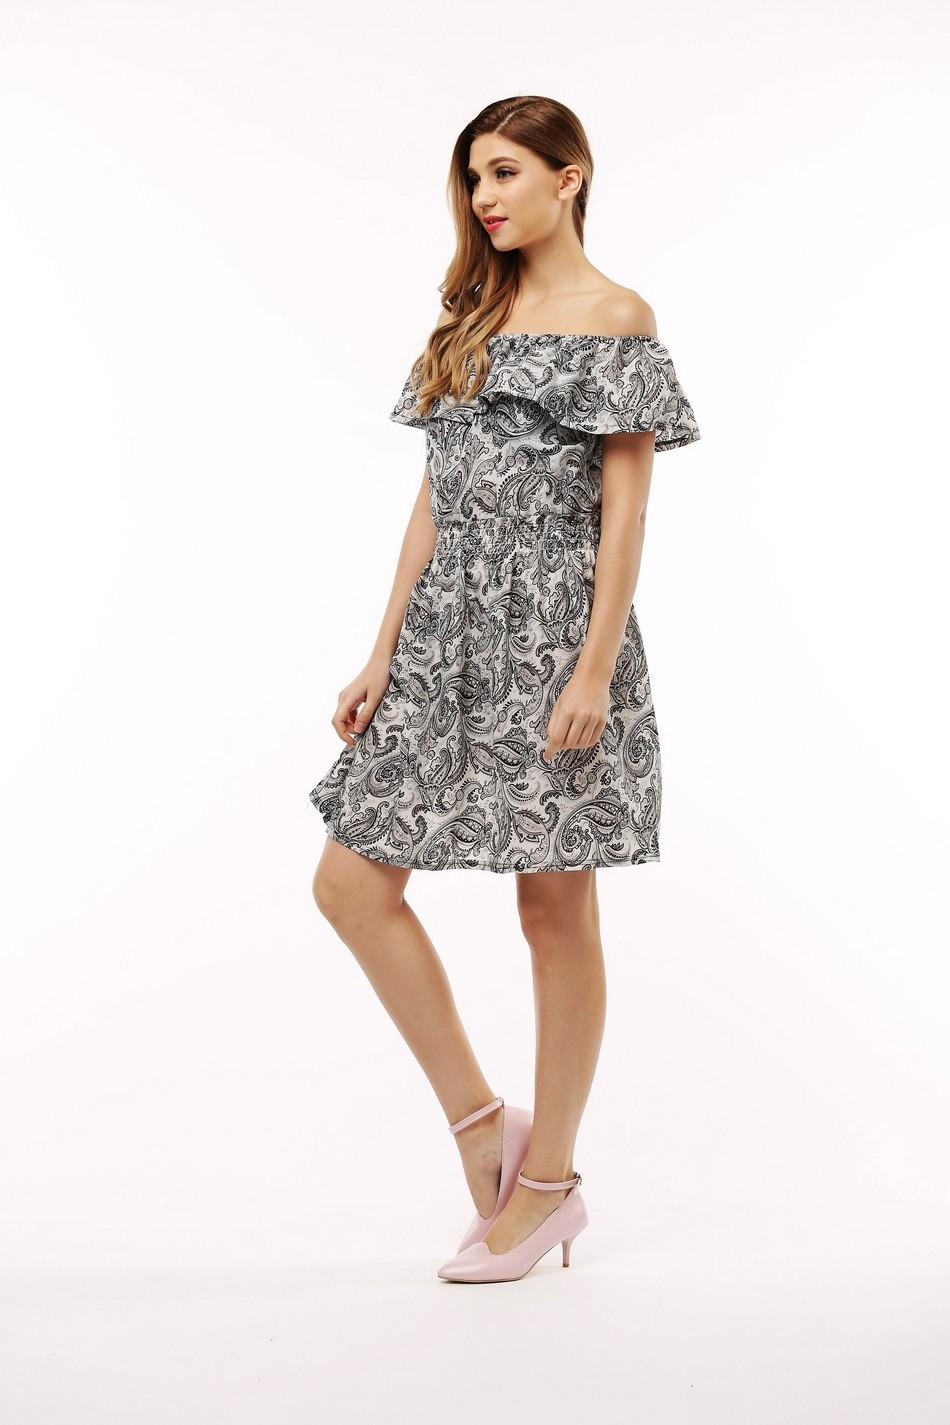 2017 fashion nowa wiosna lato plus size odzież kobiet floral print wzór sukienki na co dzień vestidos wc0472 15